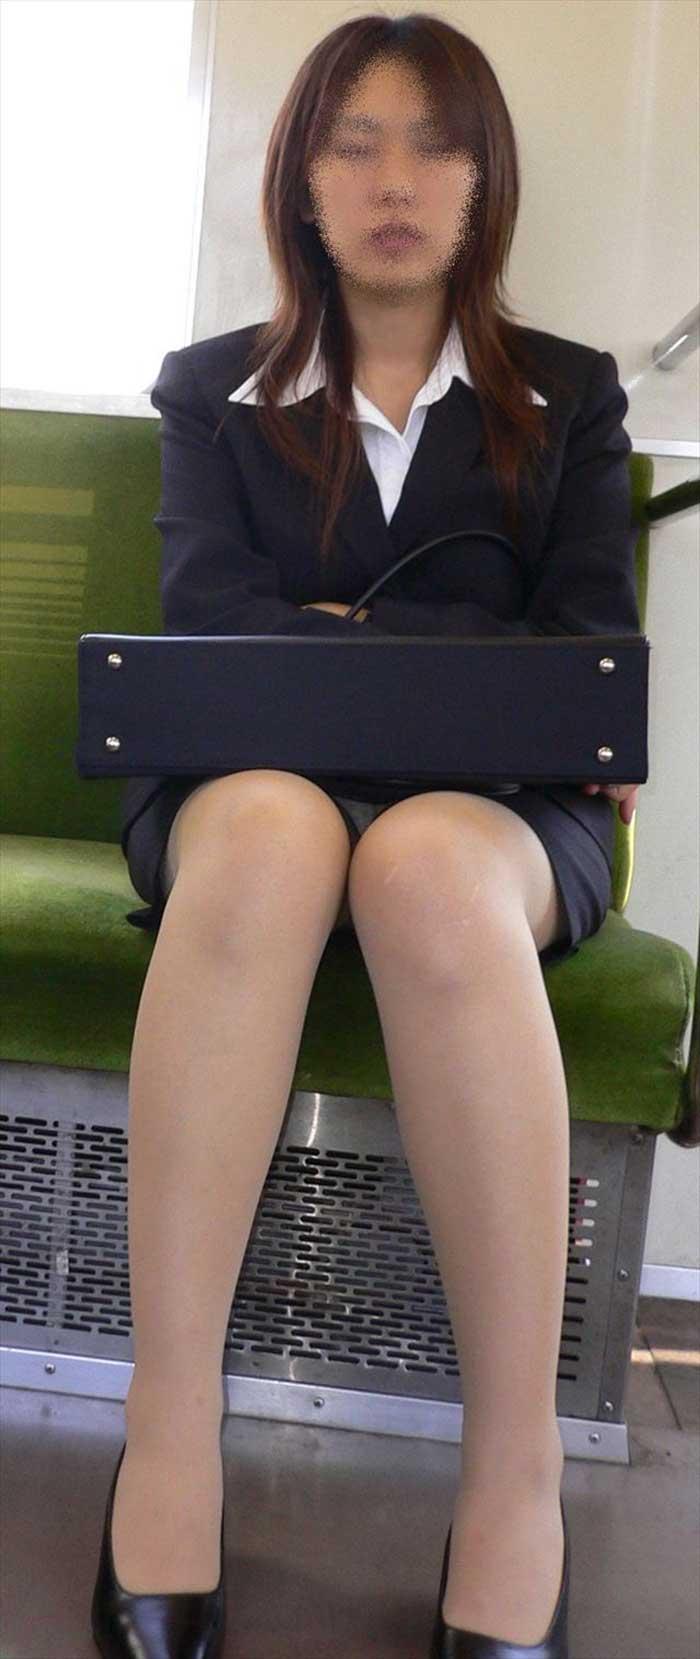 【リクルートスーツエロ画像】頑張りエロの最高峰、リクルートスーツ!女性は永遠に就活していてほしいすww穴が開くほど見てしまうリ就活スーツエロ画像 06